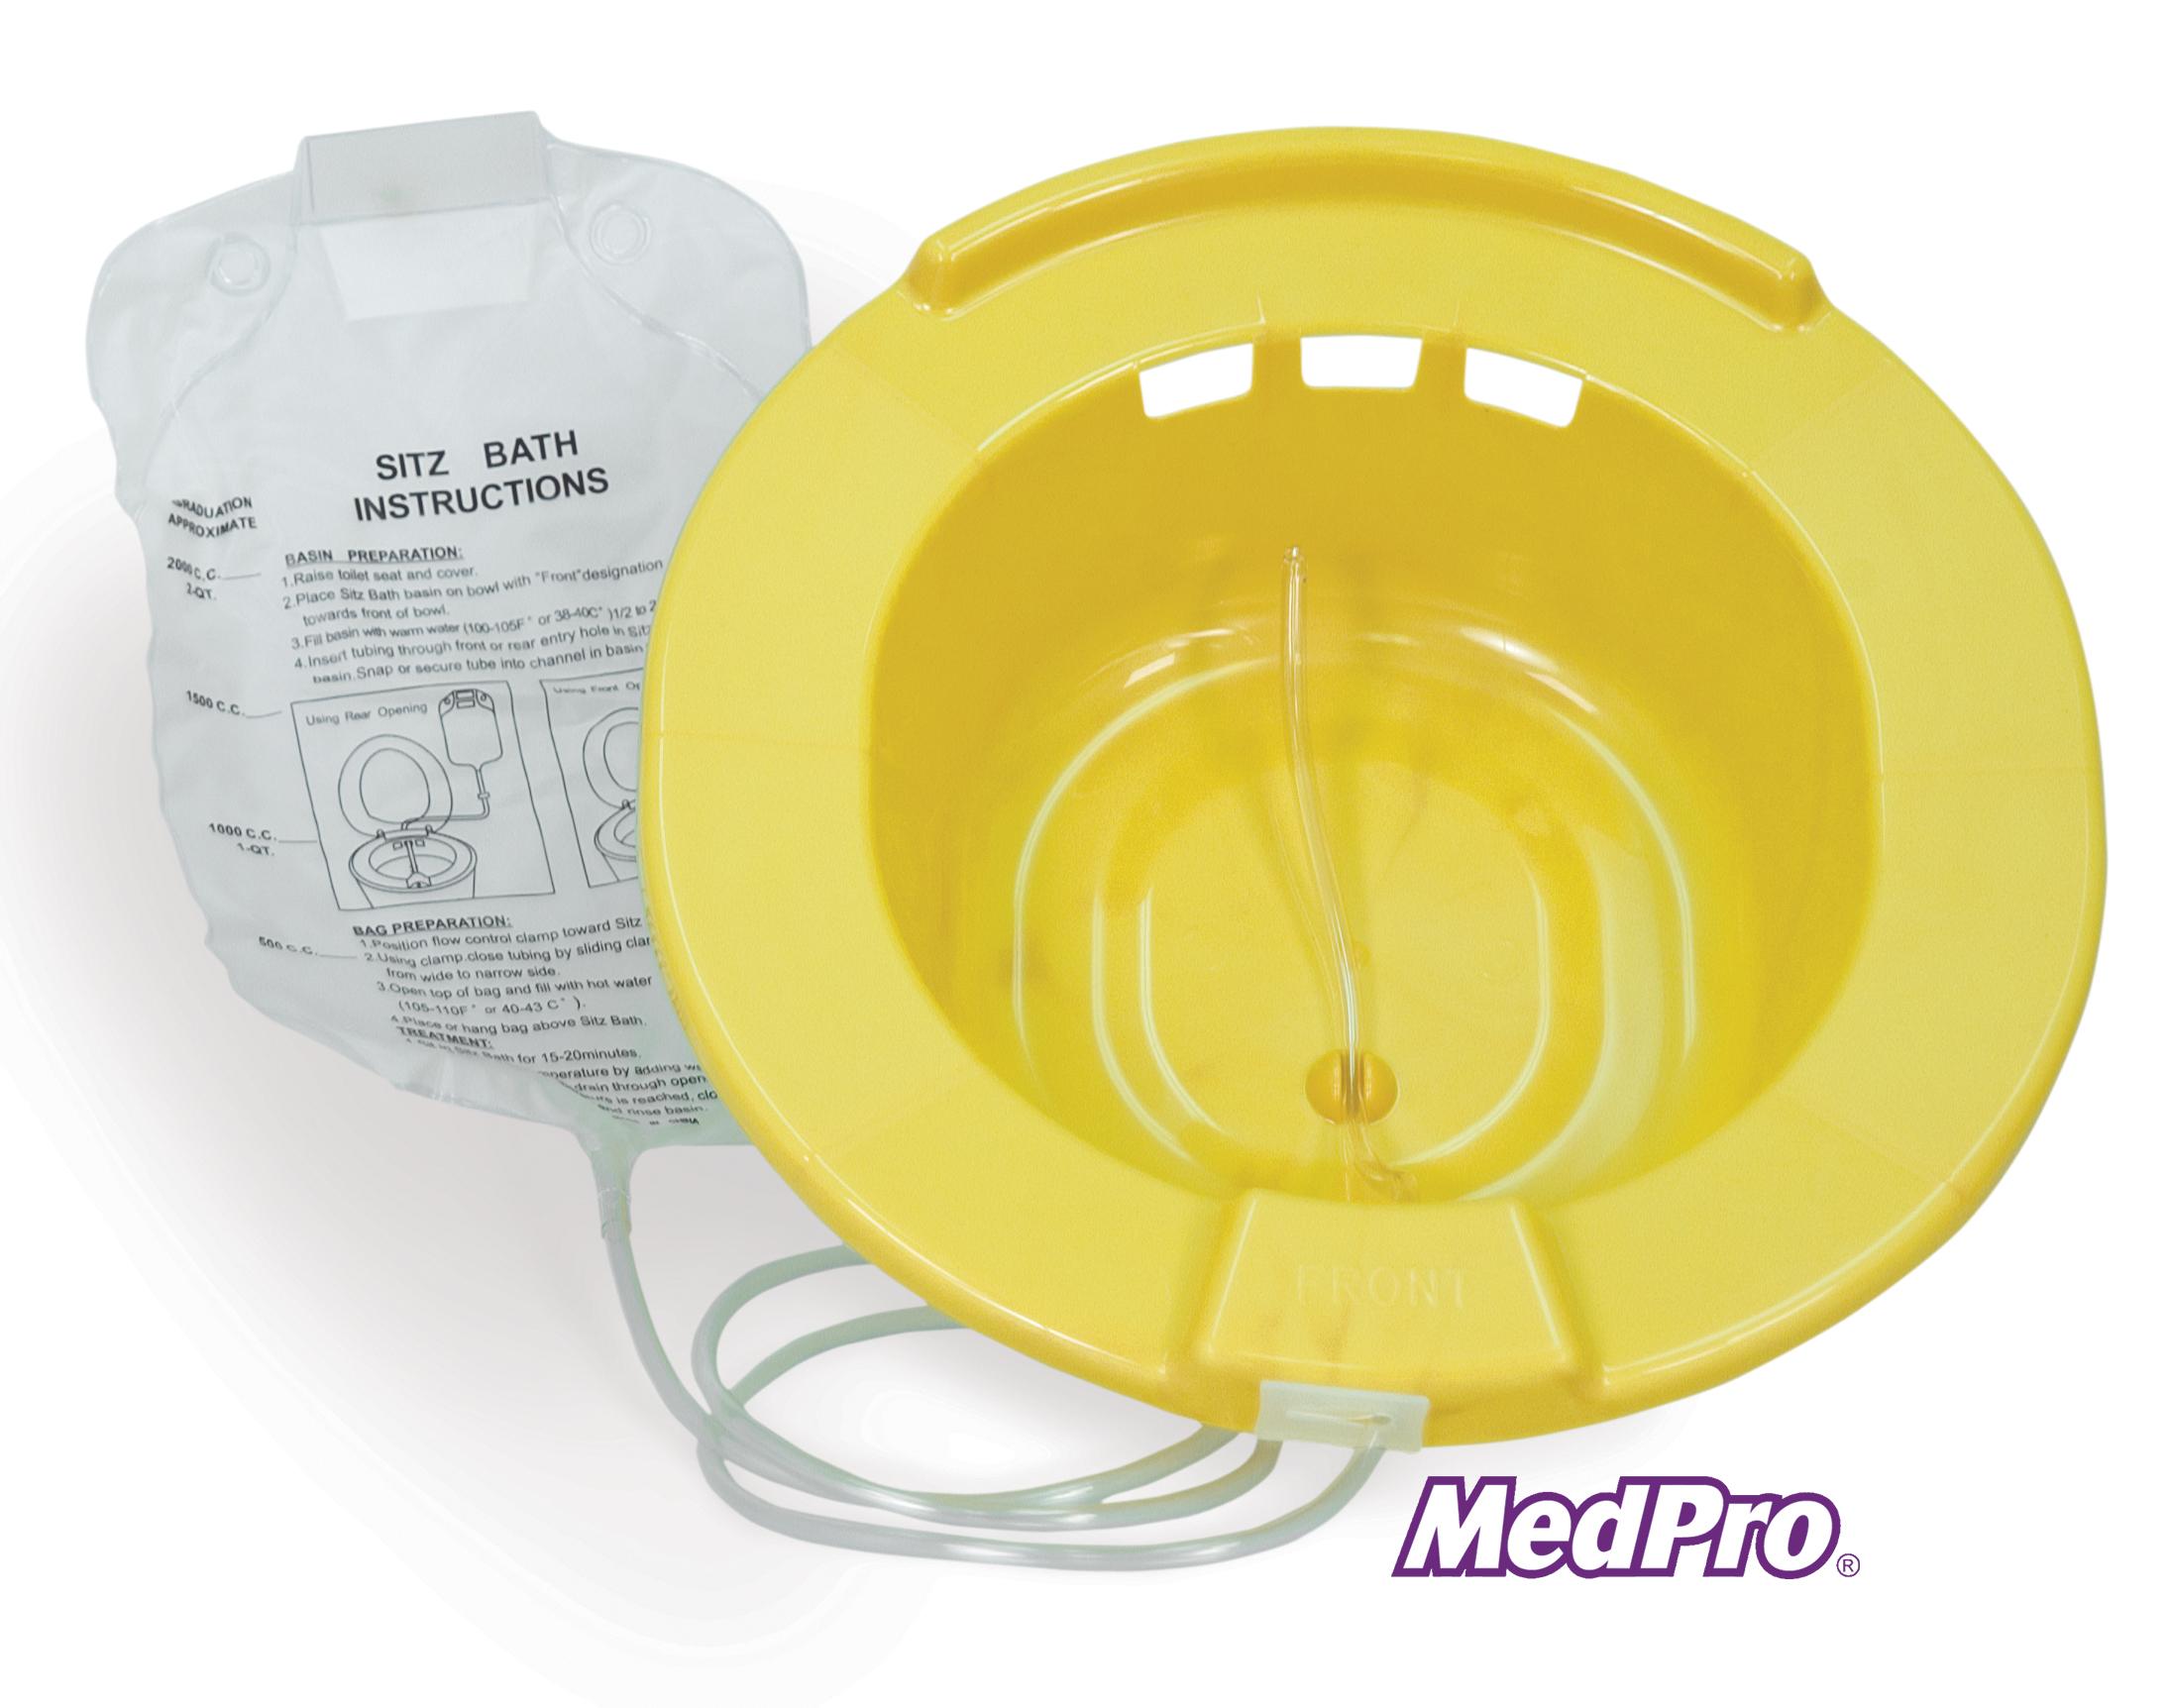 Sitz Bath Gp Medical